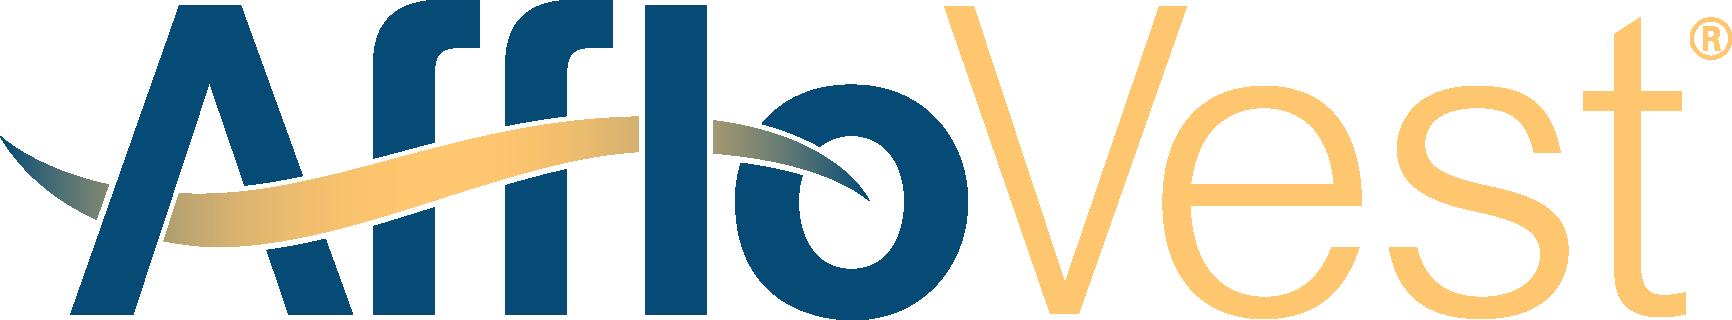 Our sponsors logo